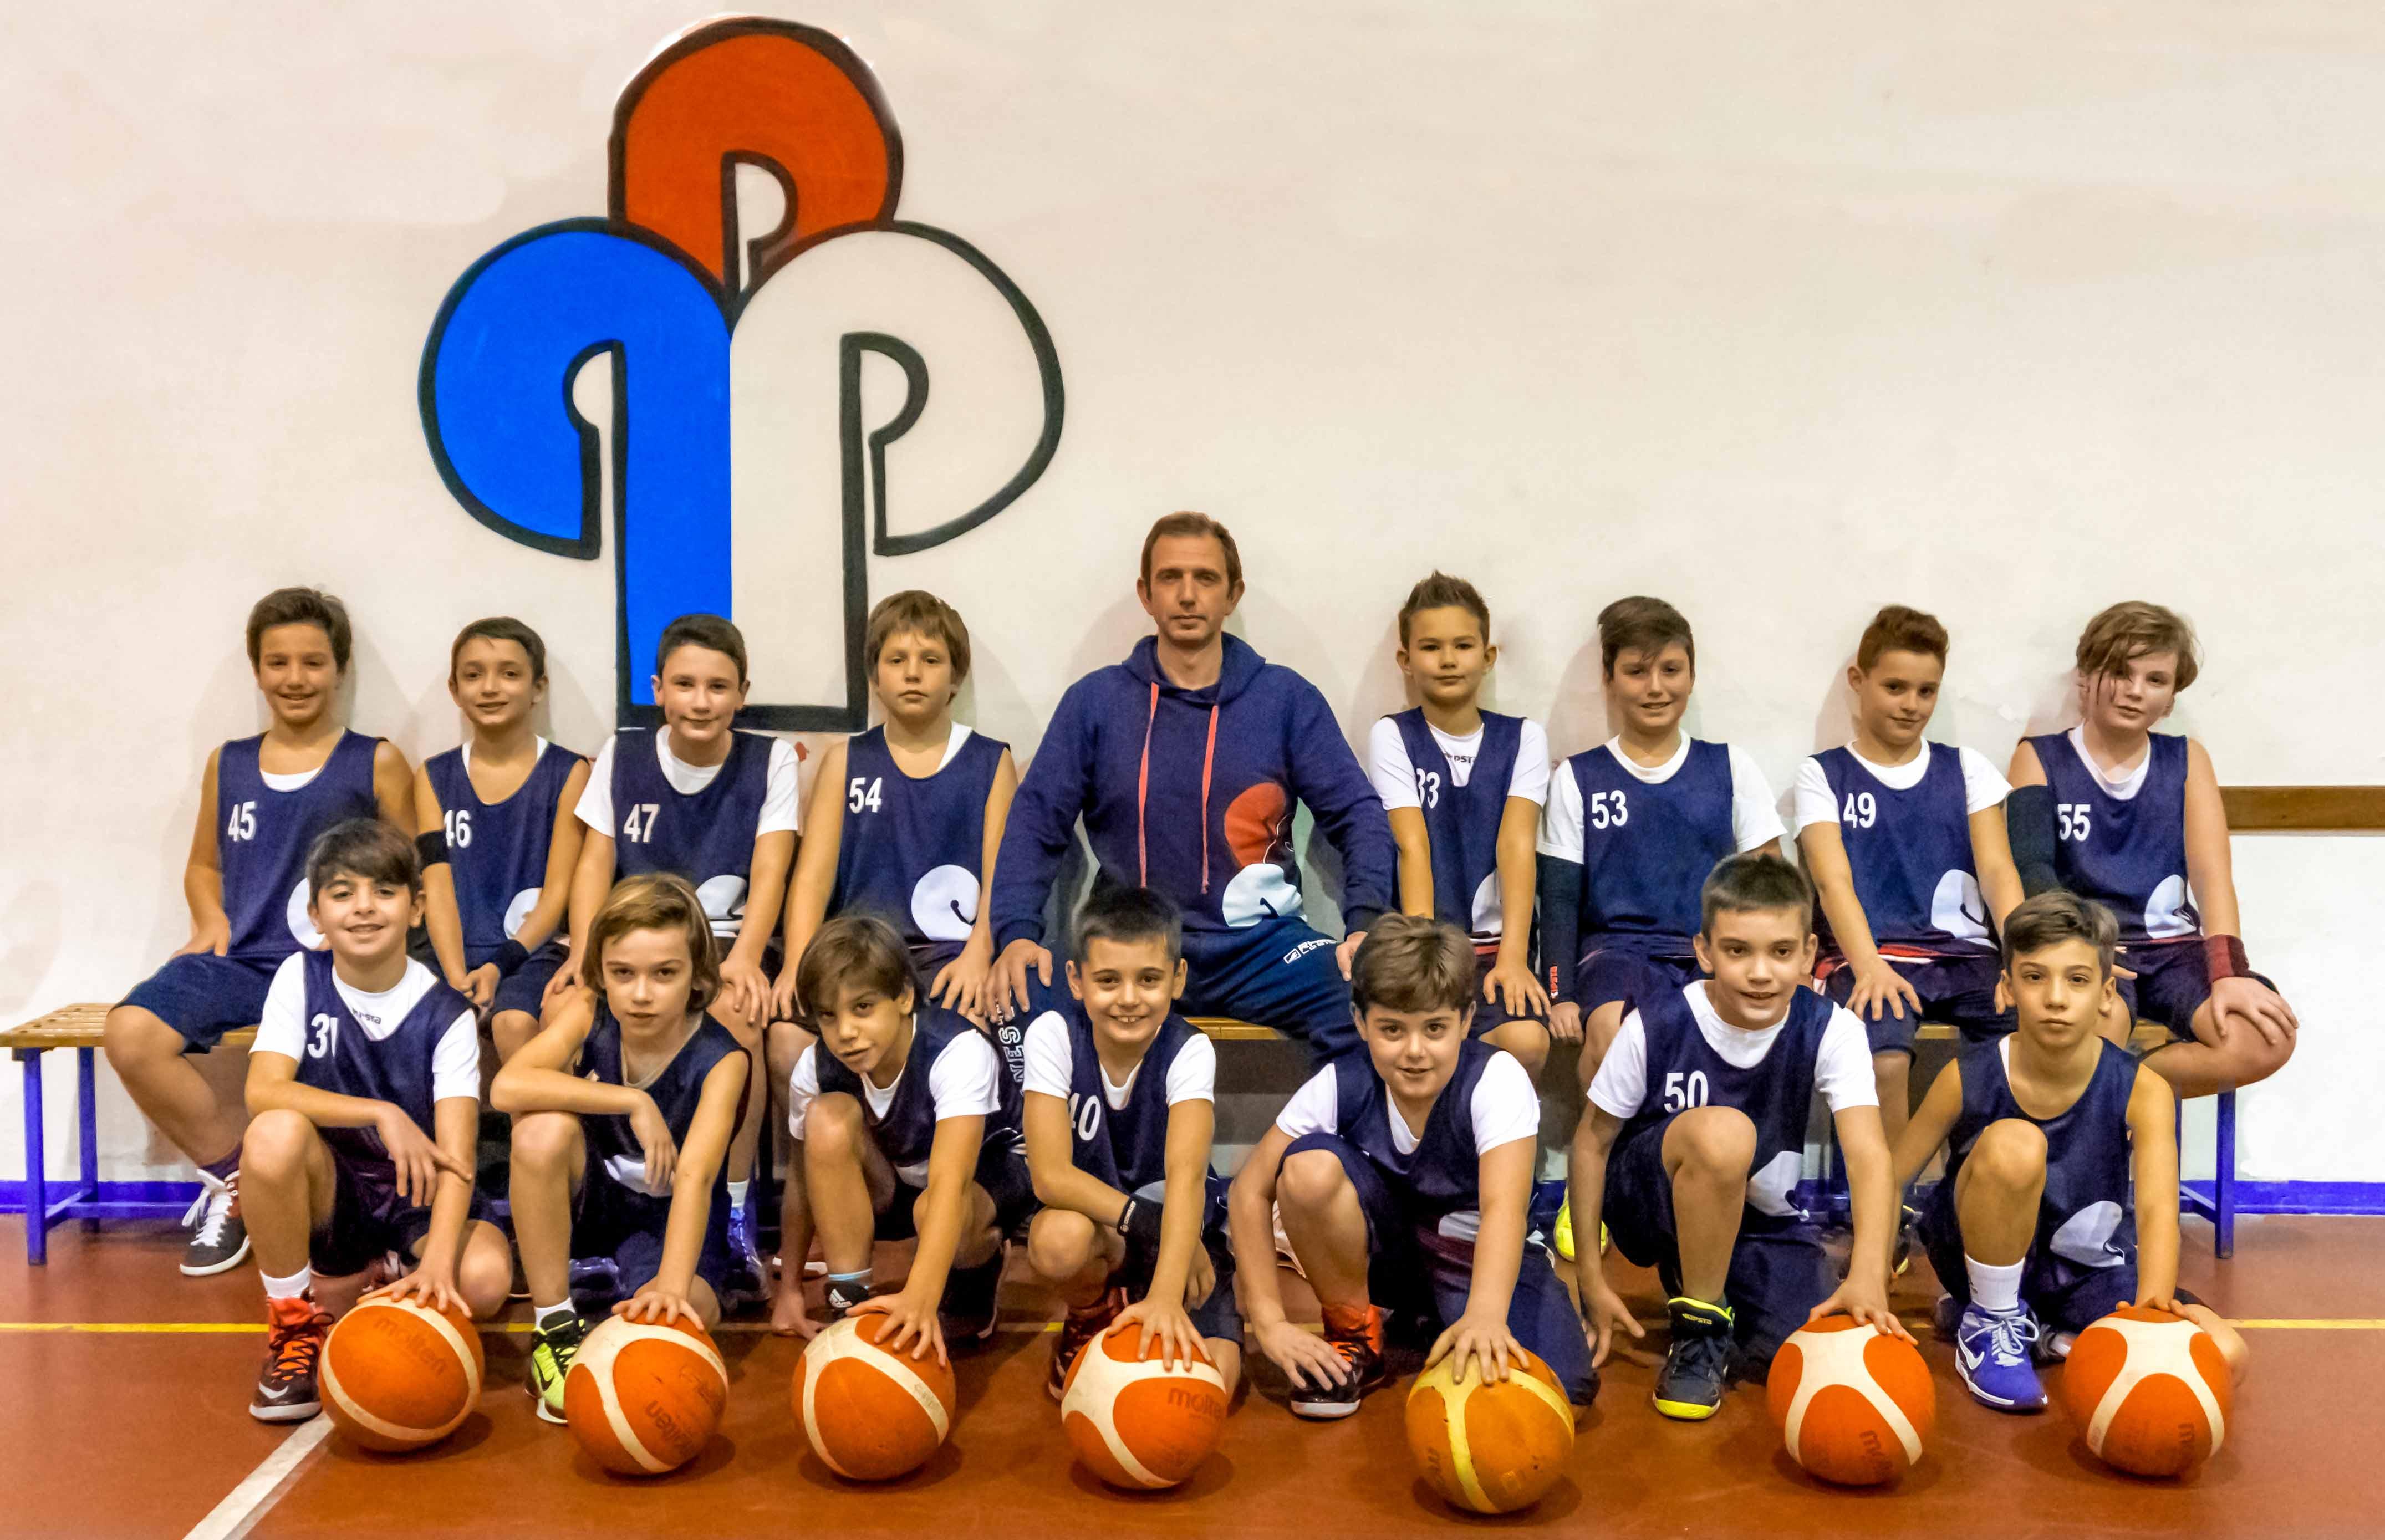 Squadra Aquilotti 2006 minibasket